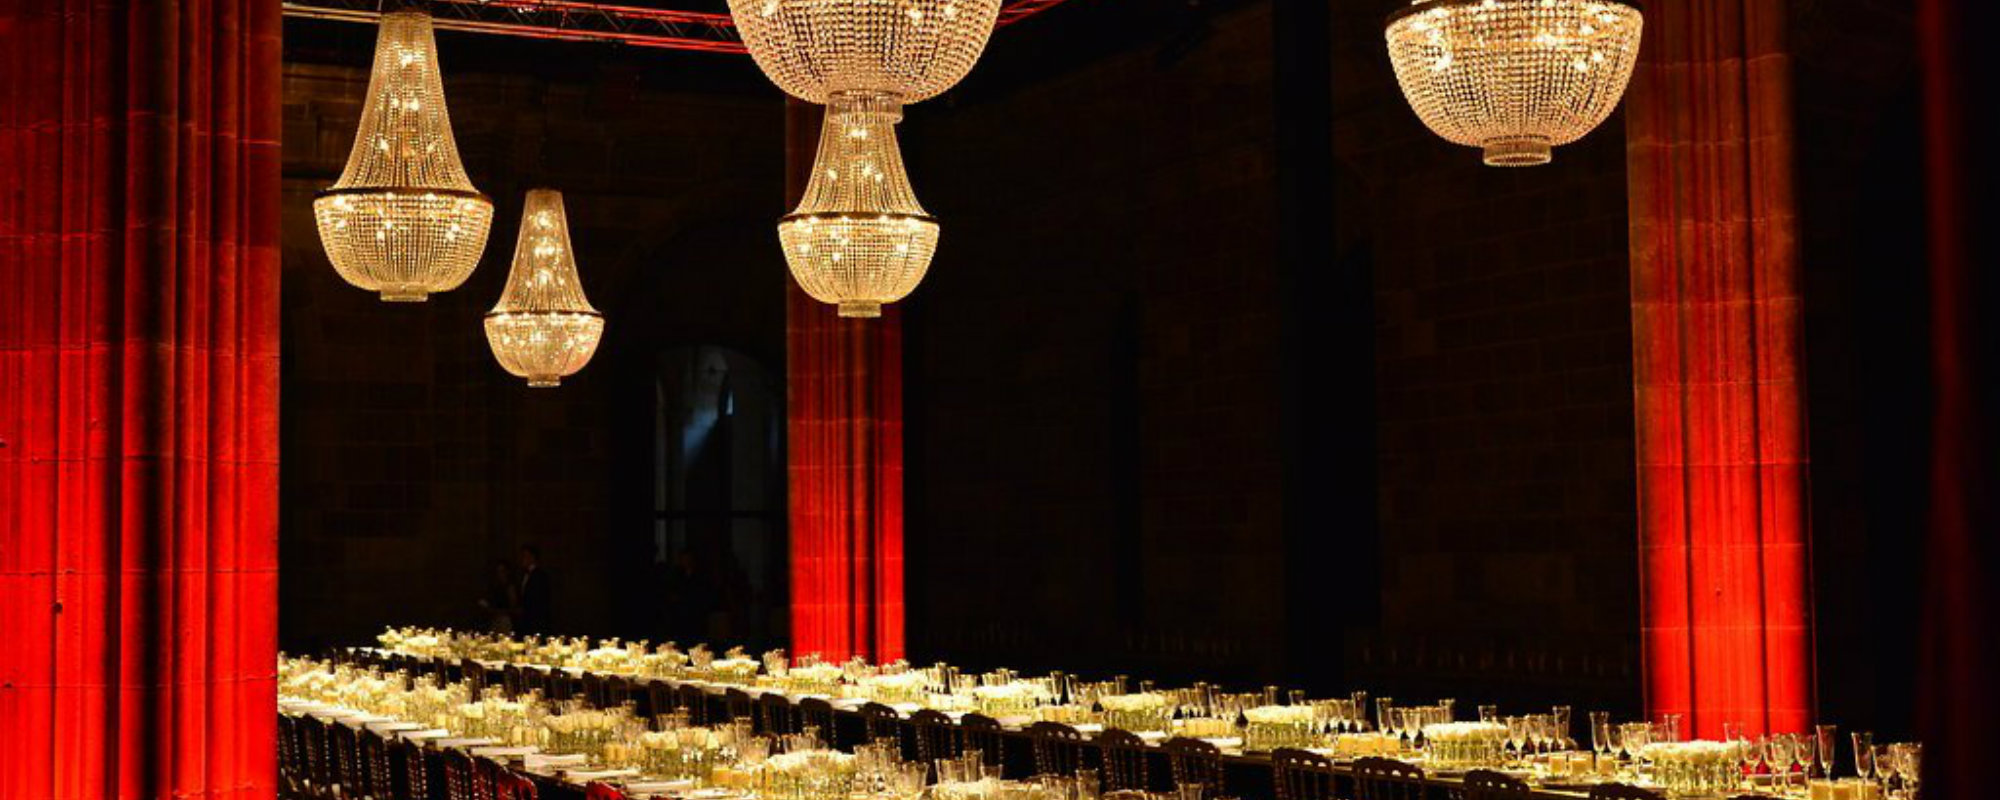 Interioristas de lujo: Proyectos de decoración lujuosos en España interioristas de lujo Interioristas de lujo: Proyectos de decoración lujuosos en España Featured 8